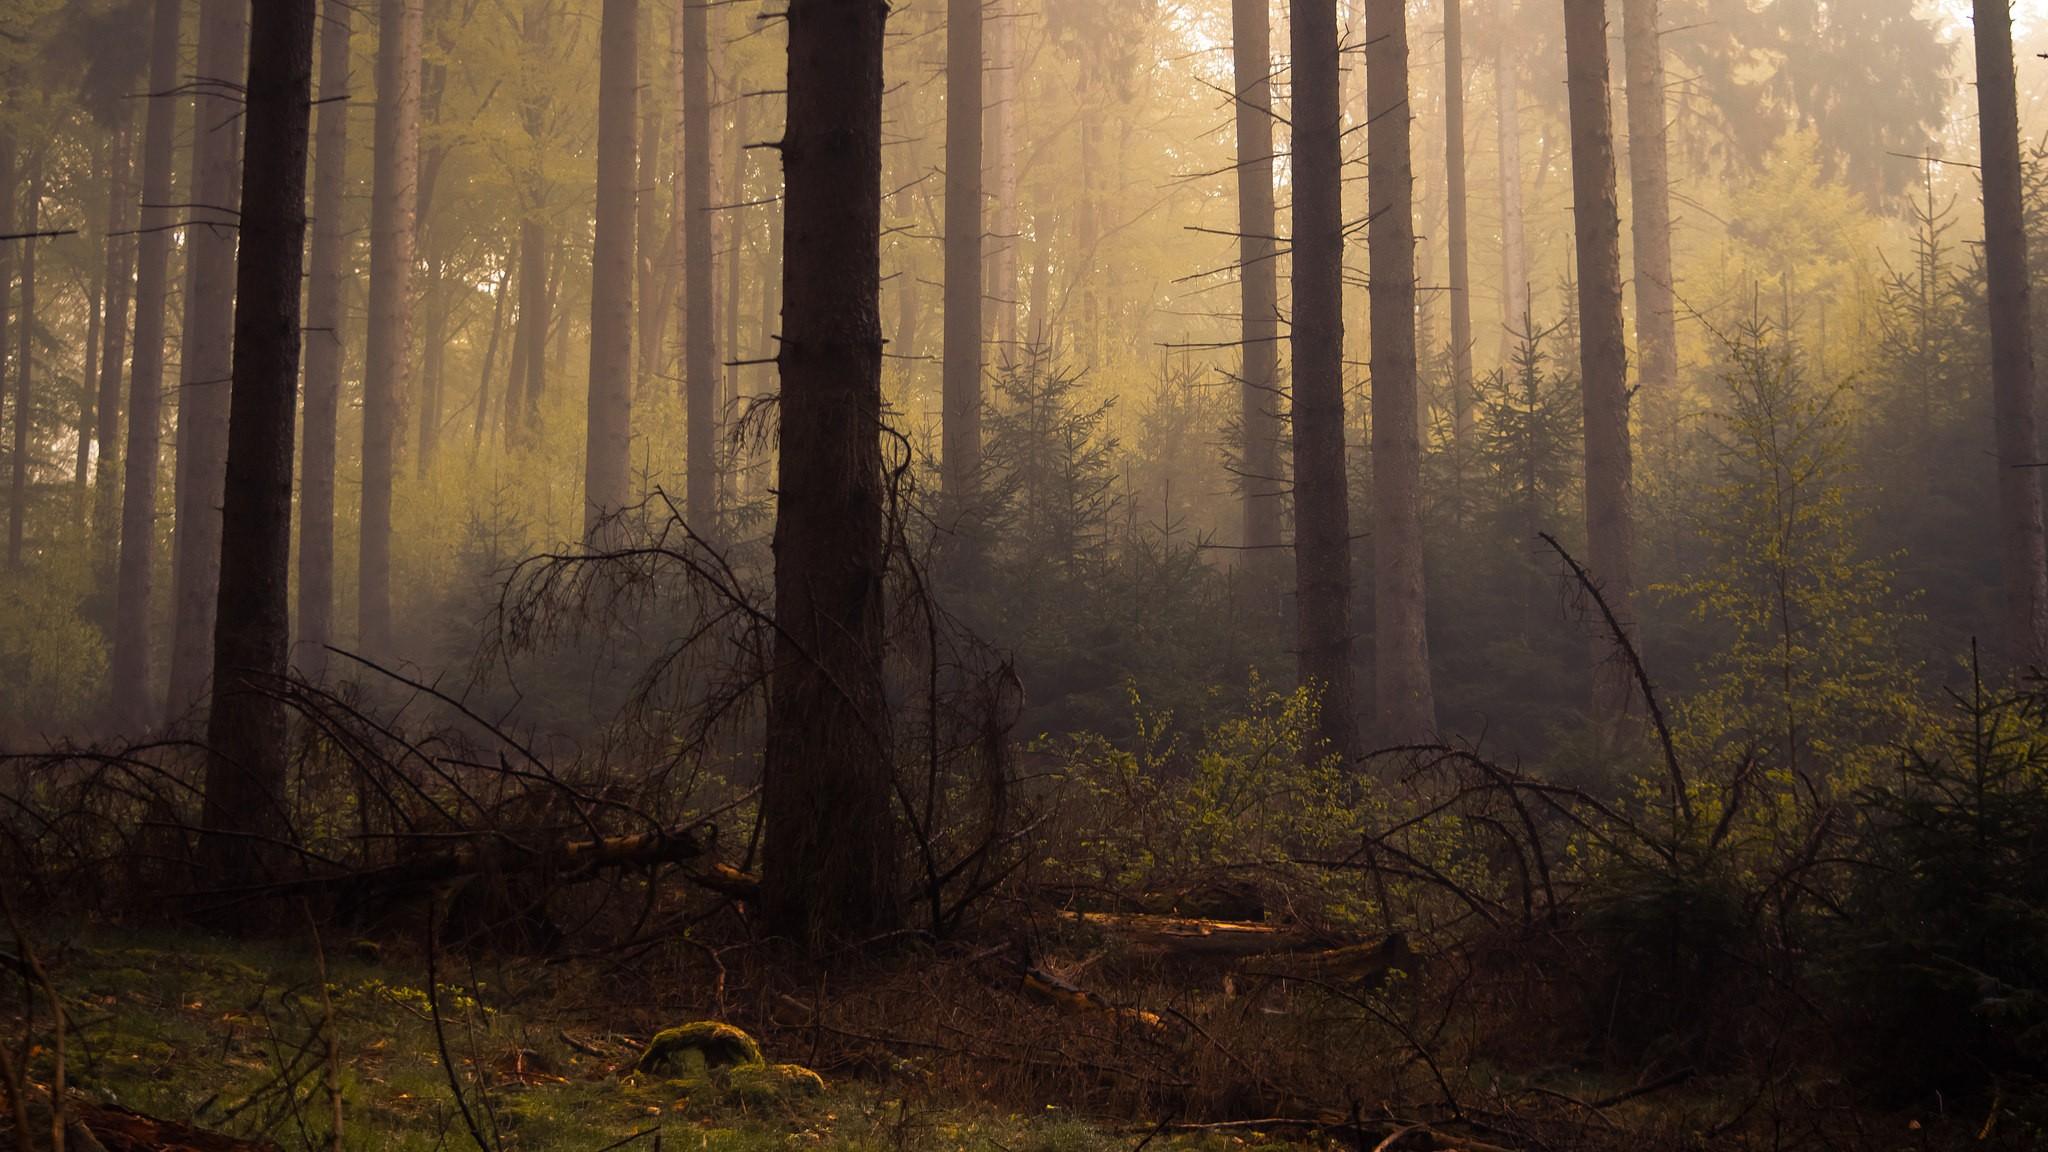 обои на рабочий стол лес в тумане мрачноватый синие брови подведенные